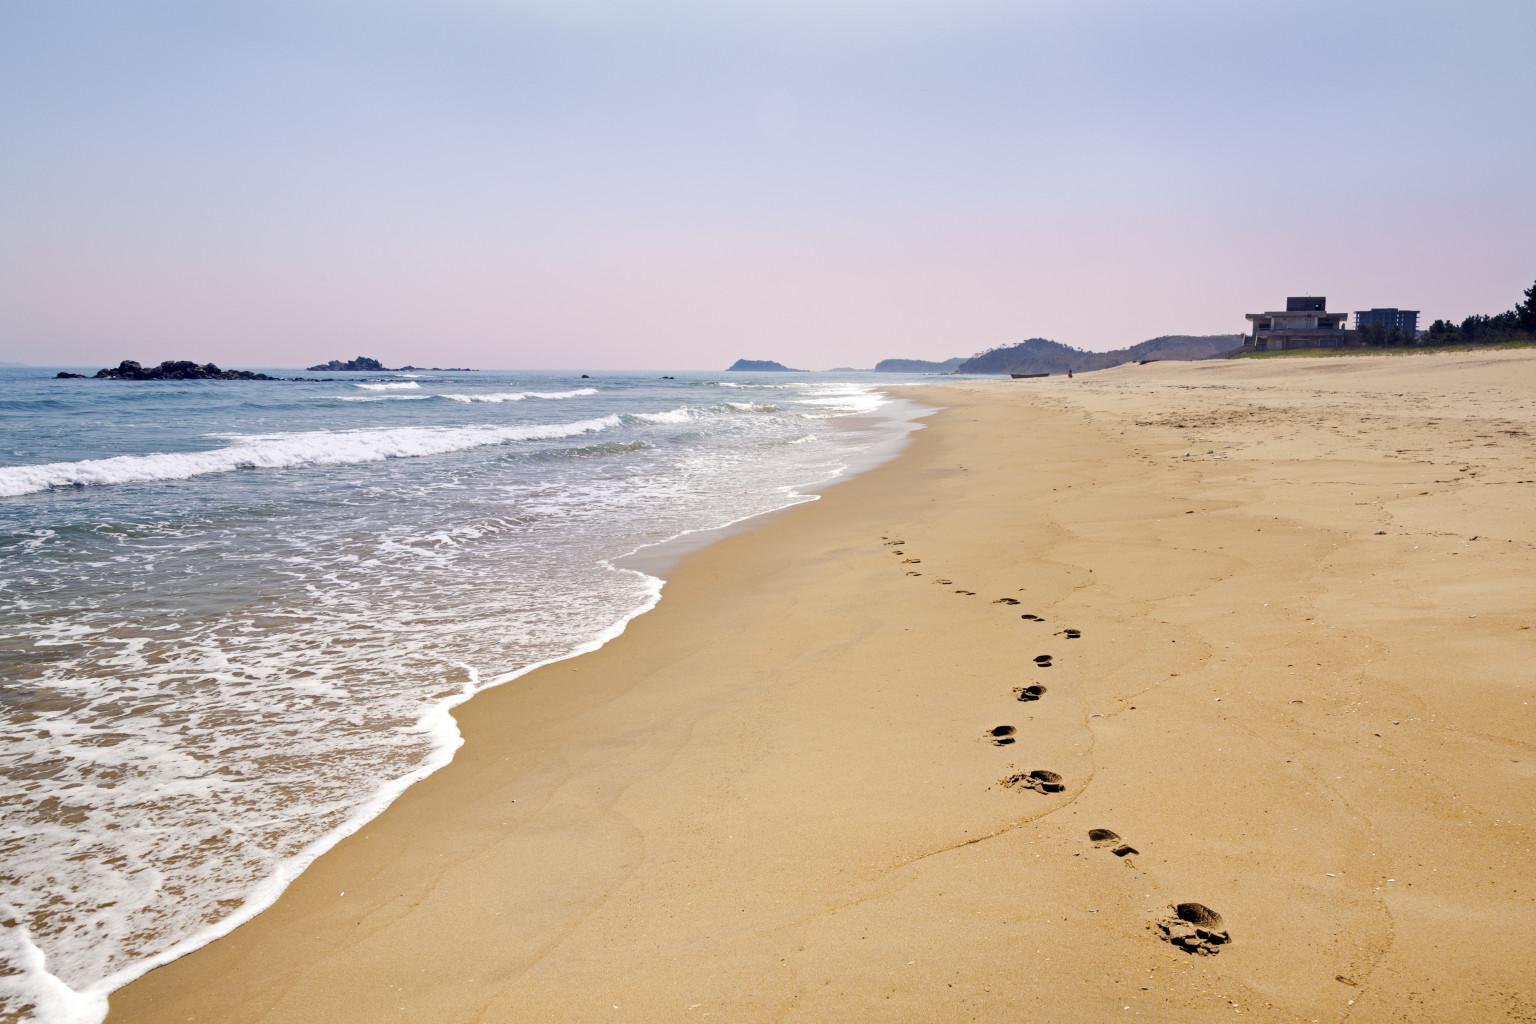 Beach: Wonsan, North Korean Beach Resort, Announced By Kim Jong Un